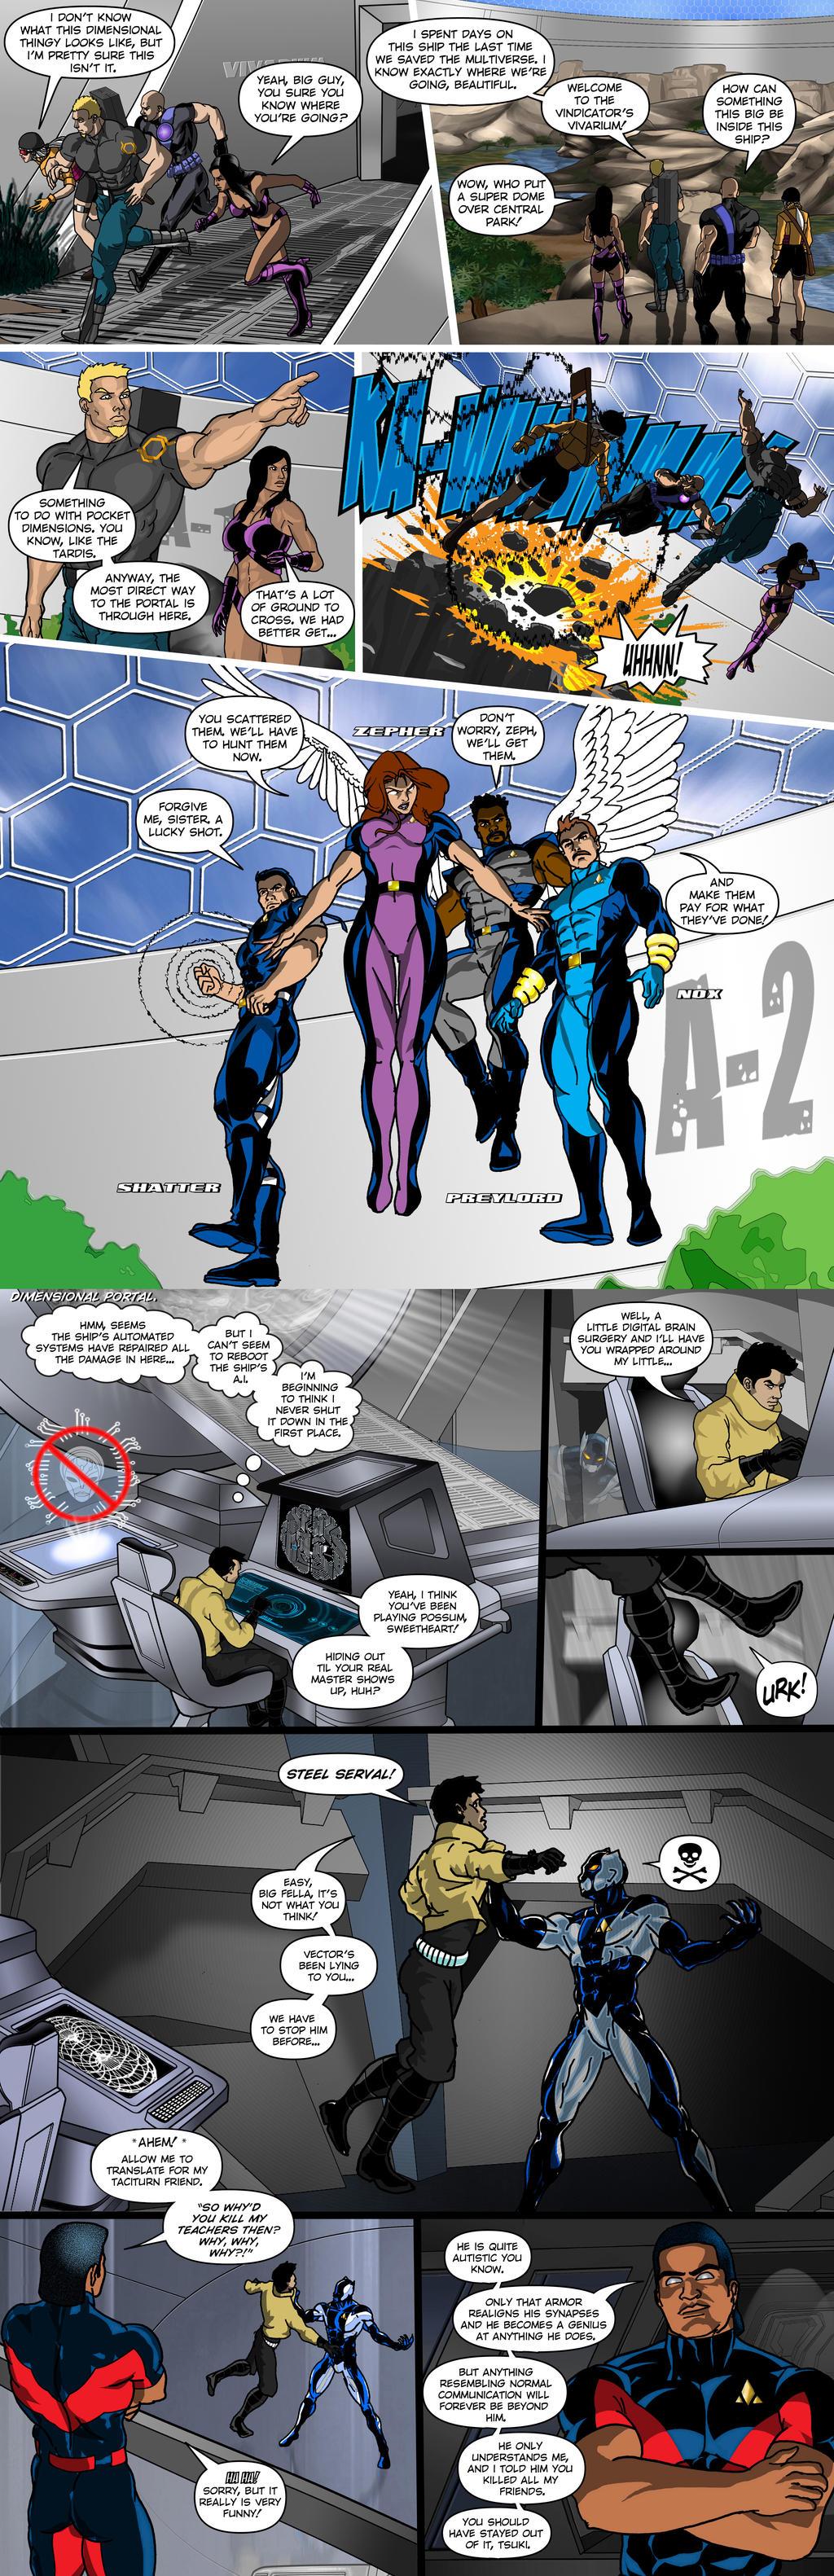 M.O.C.C. 2 page19-20